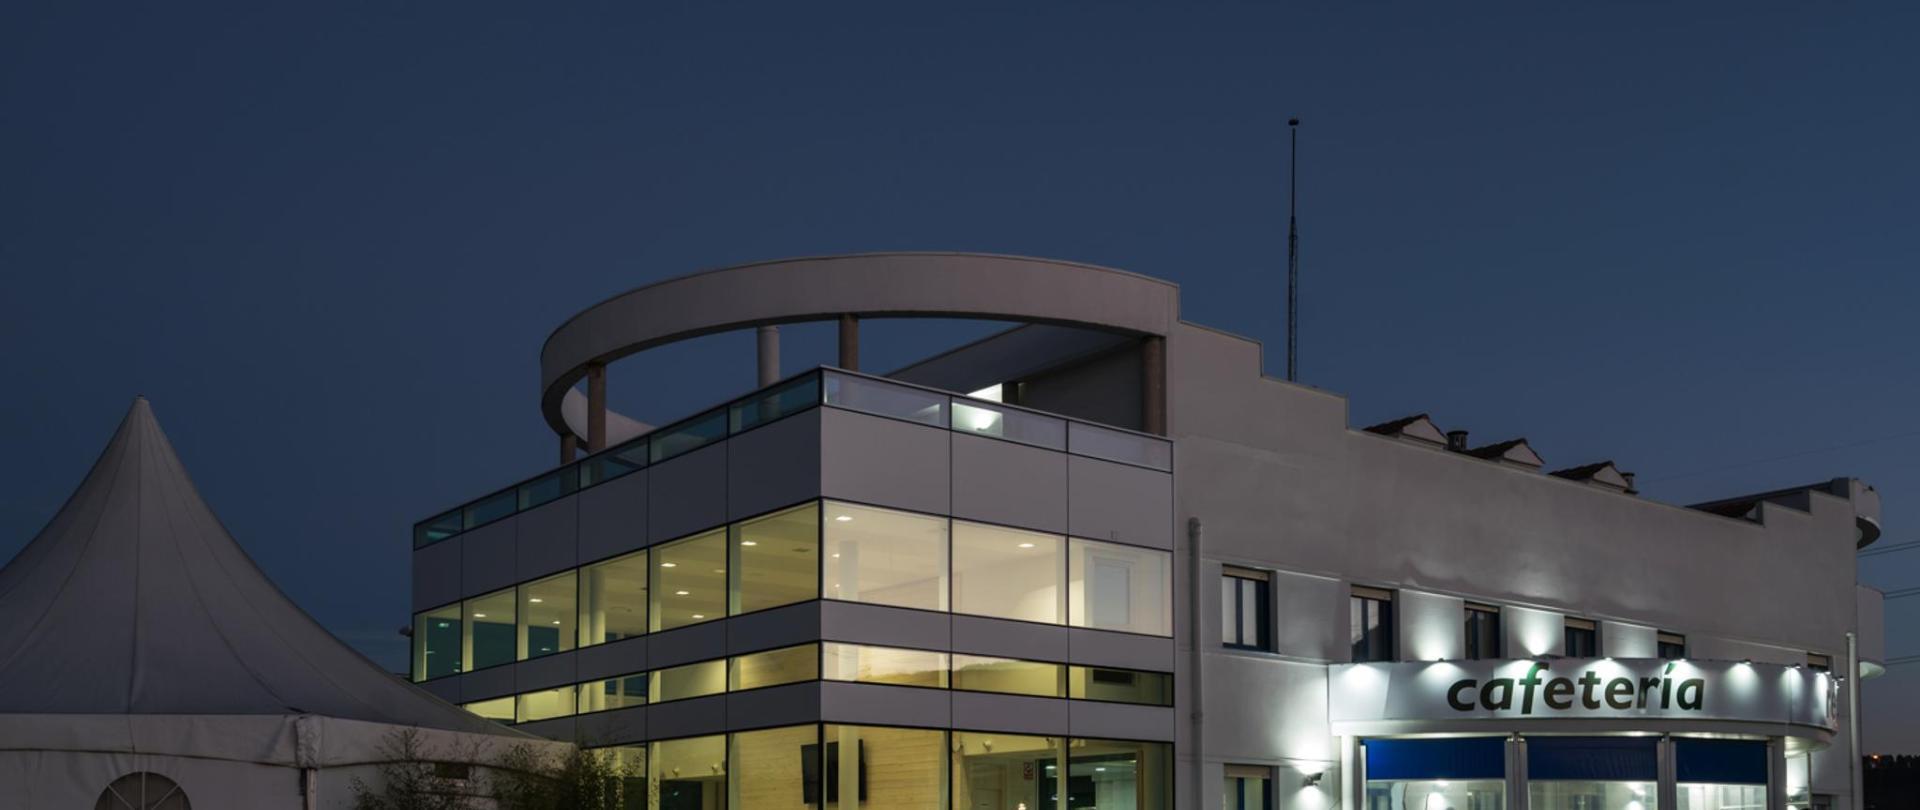 Vista noche 4.jpg